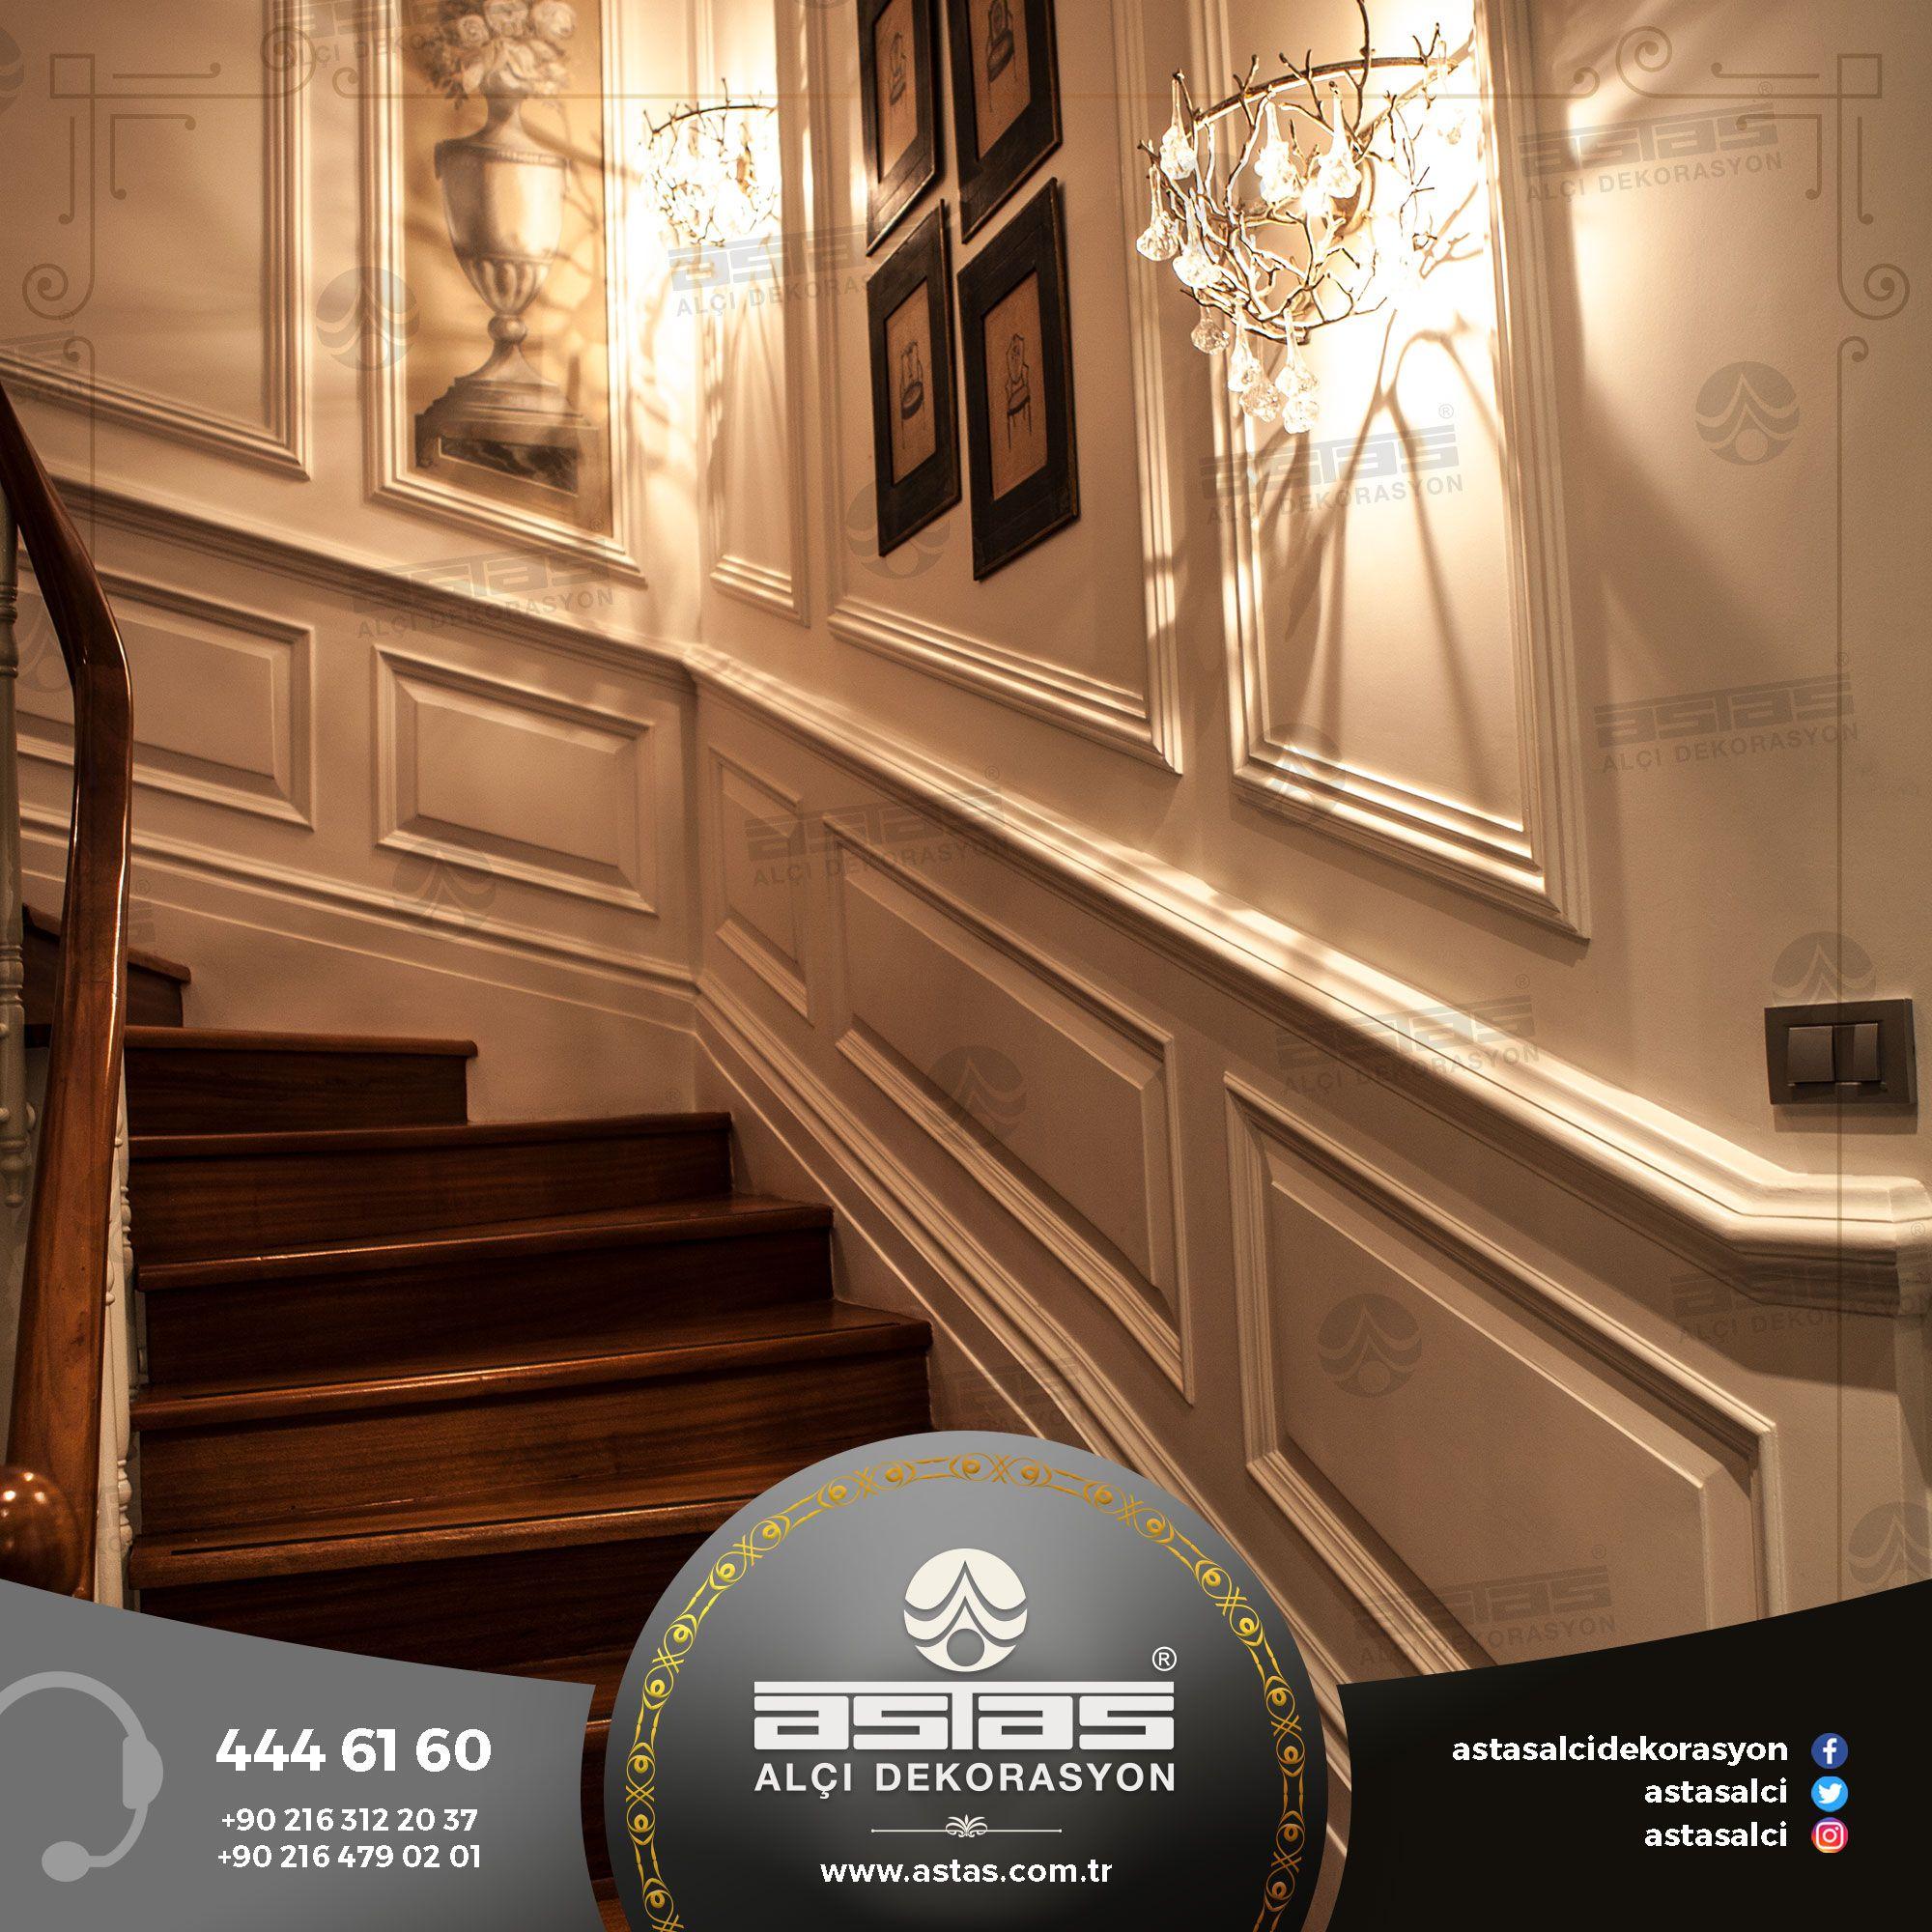 Kendi masalınıza uzanan merdivenleri tırmanın. #astas #alcidekorasyon #astasalci #kartonpiyer #plaster #plasterwork